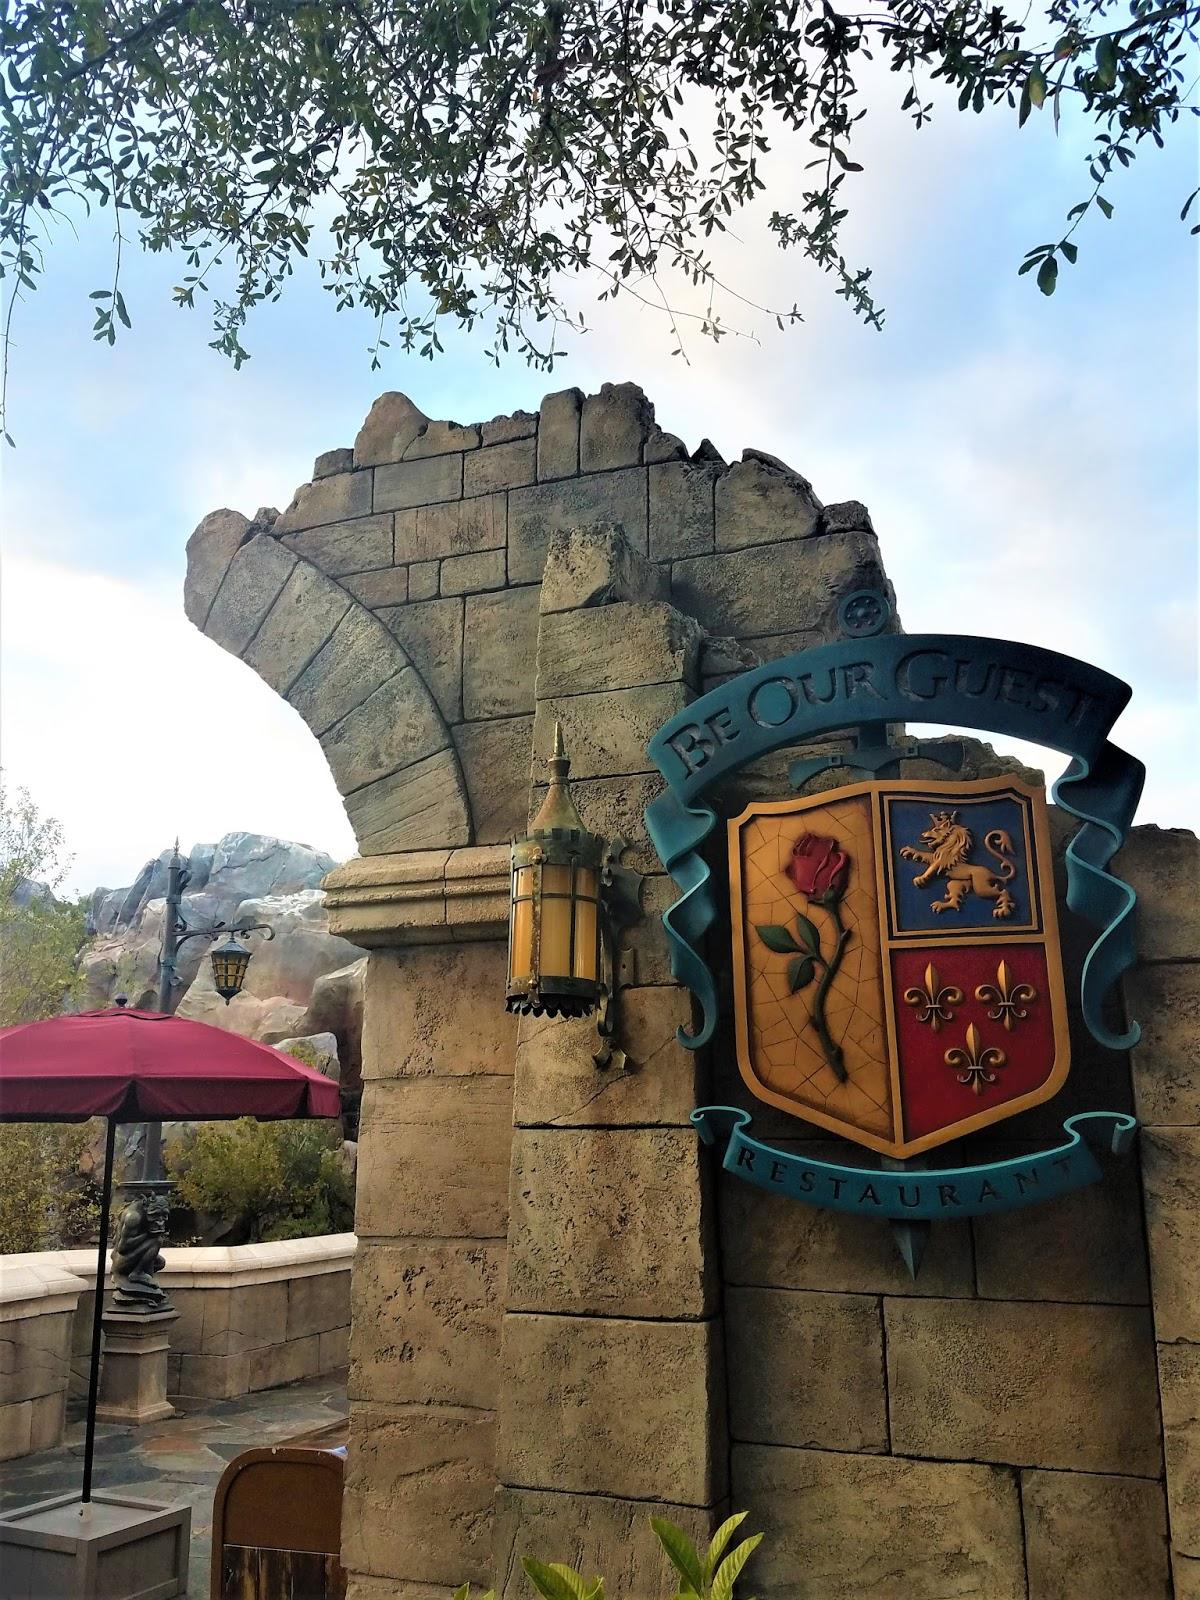 magic kingdom birthday disney be our guest